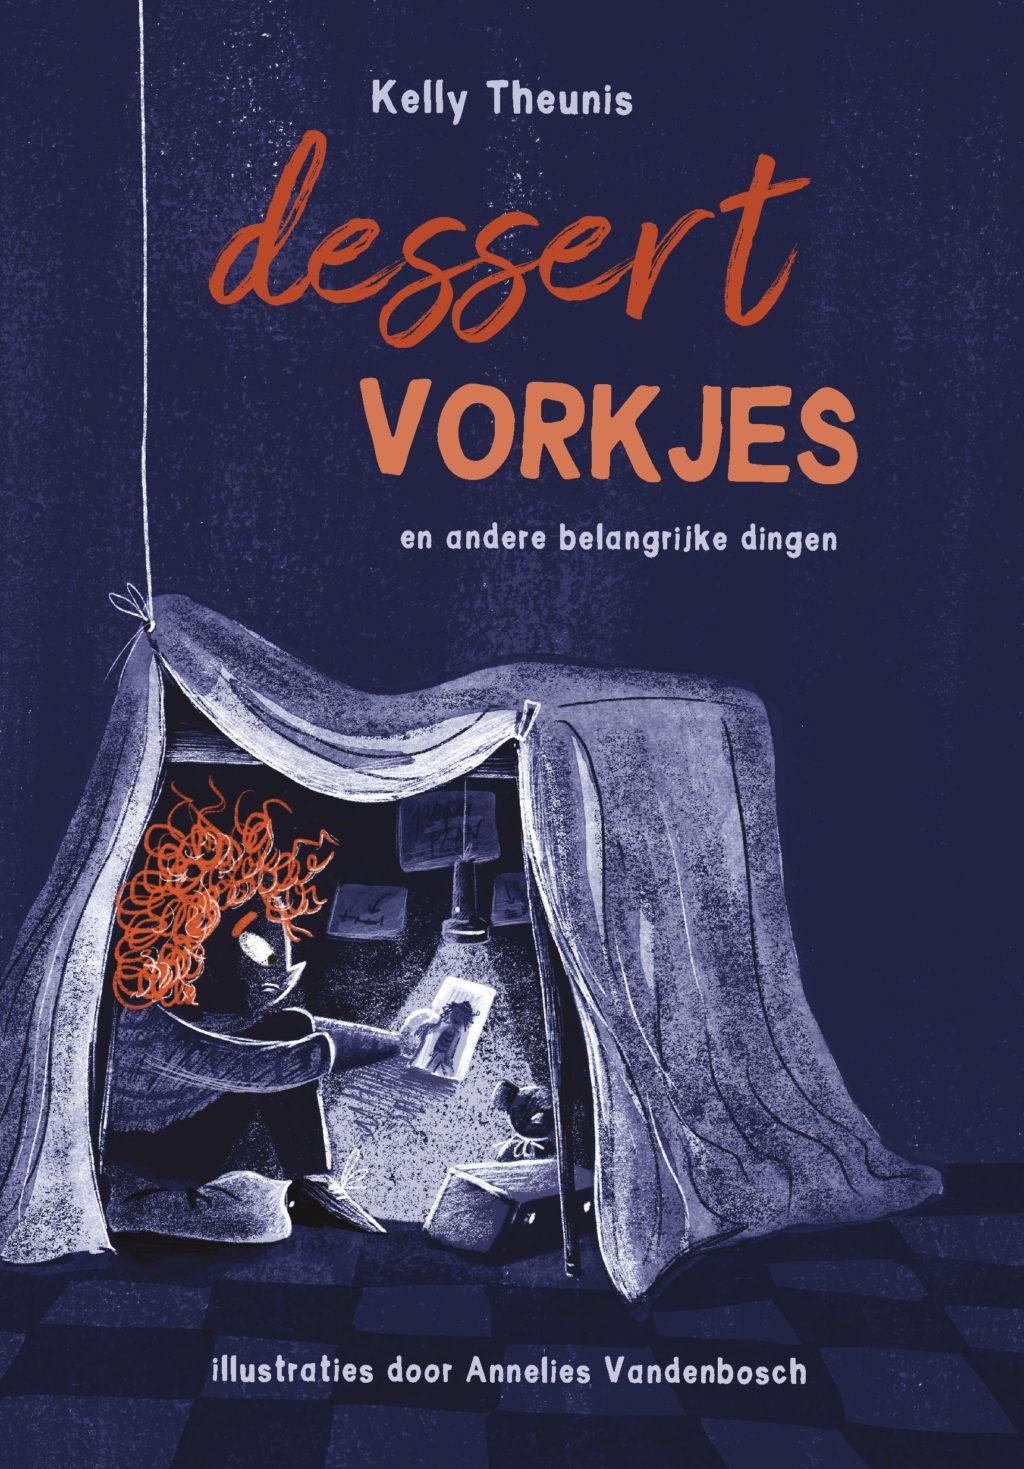 cover desservorkjes